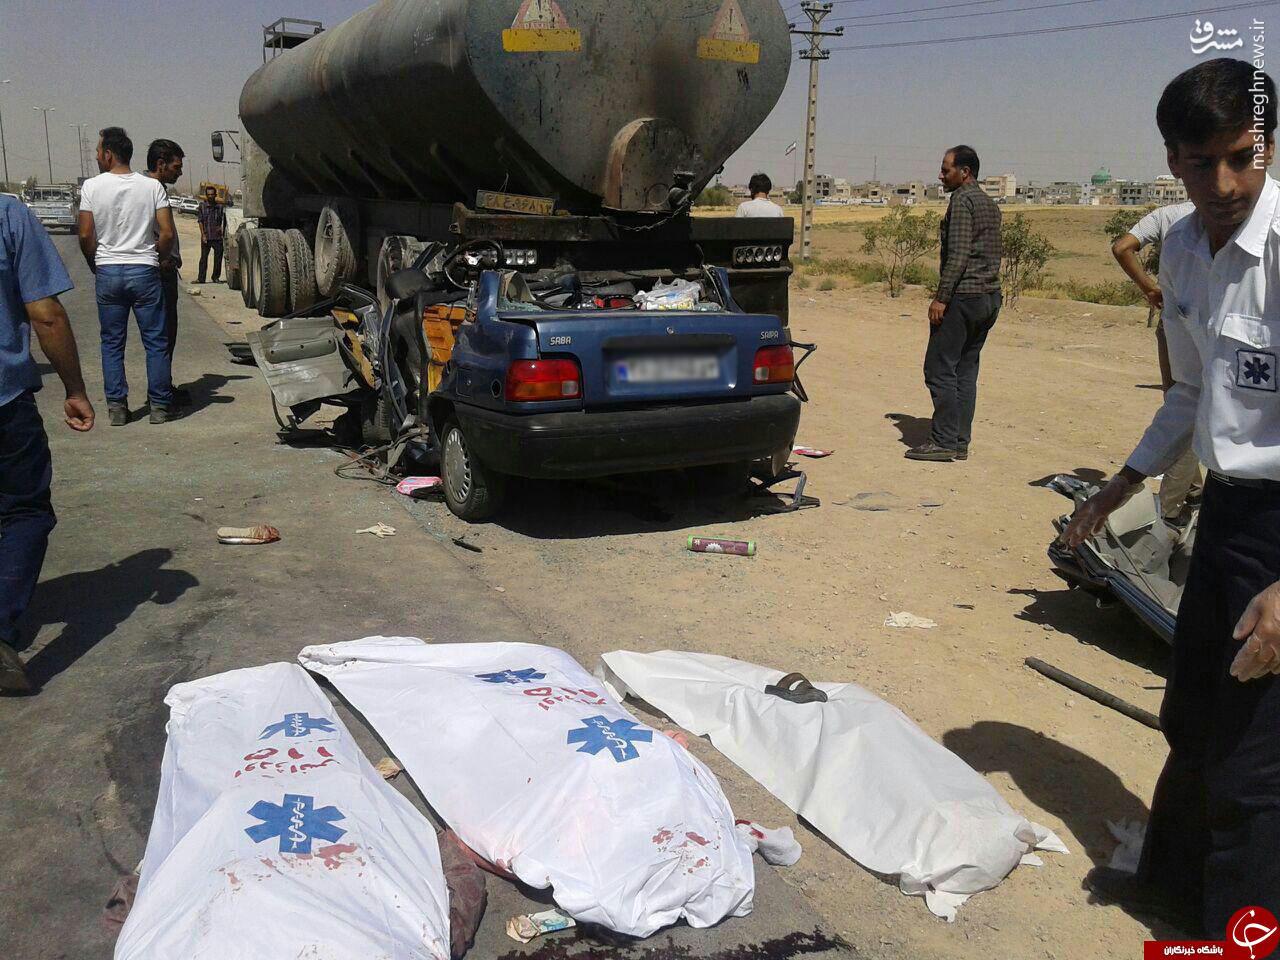 عکس/ 3 کشته در برخورد دلخراش پراید با تریلر نفت کش